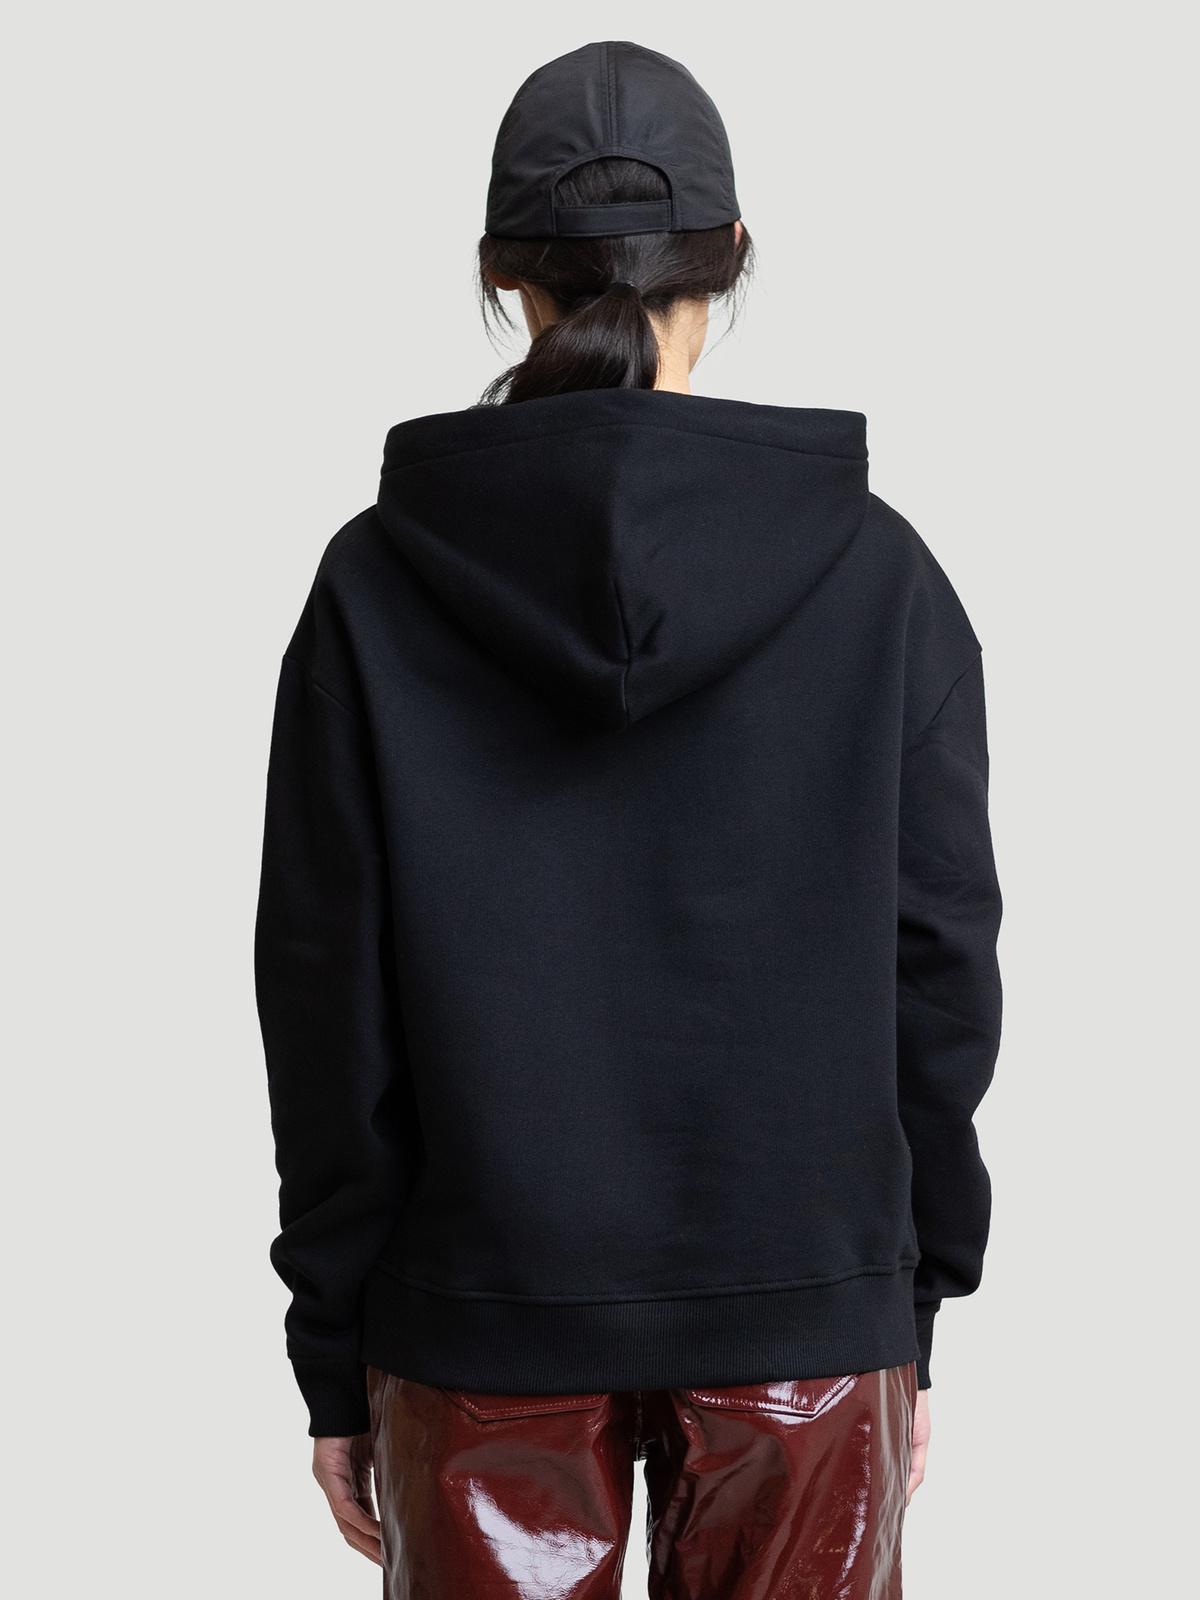 Hanger Hoodie  Black 11